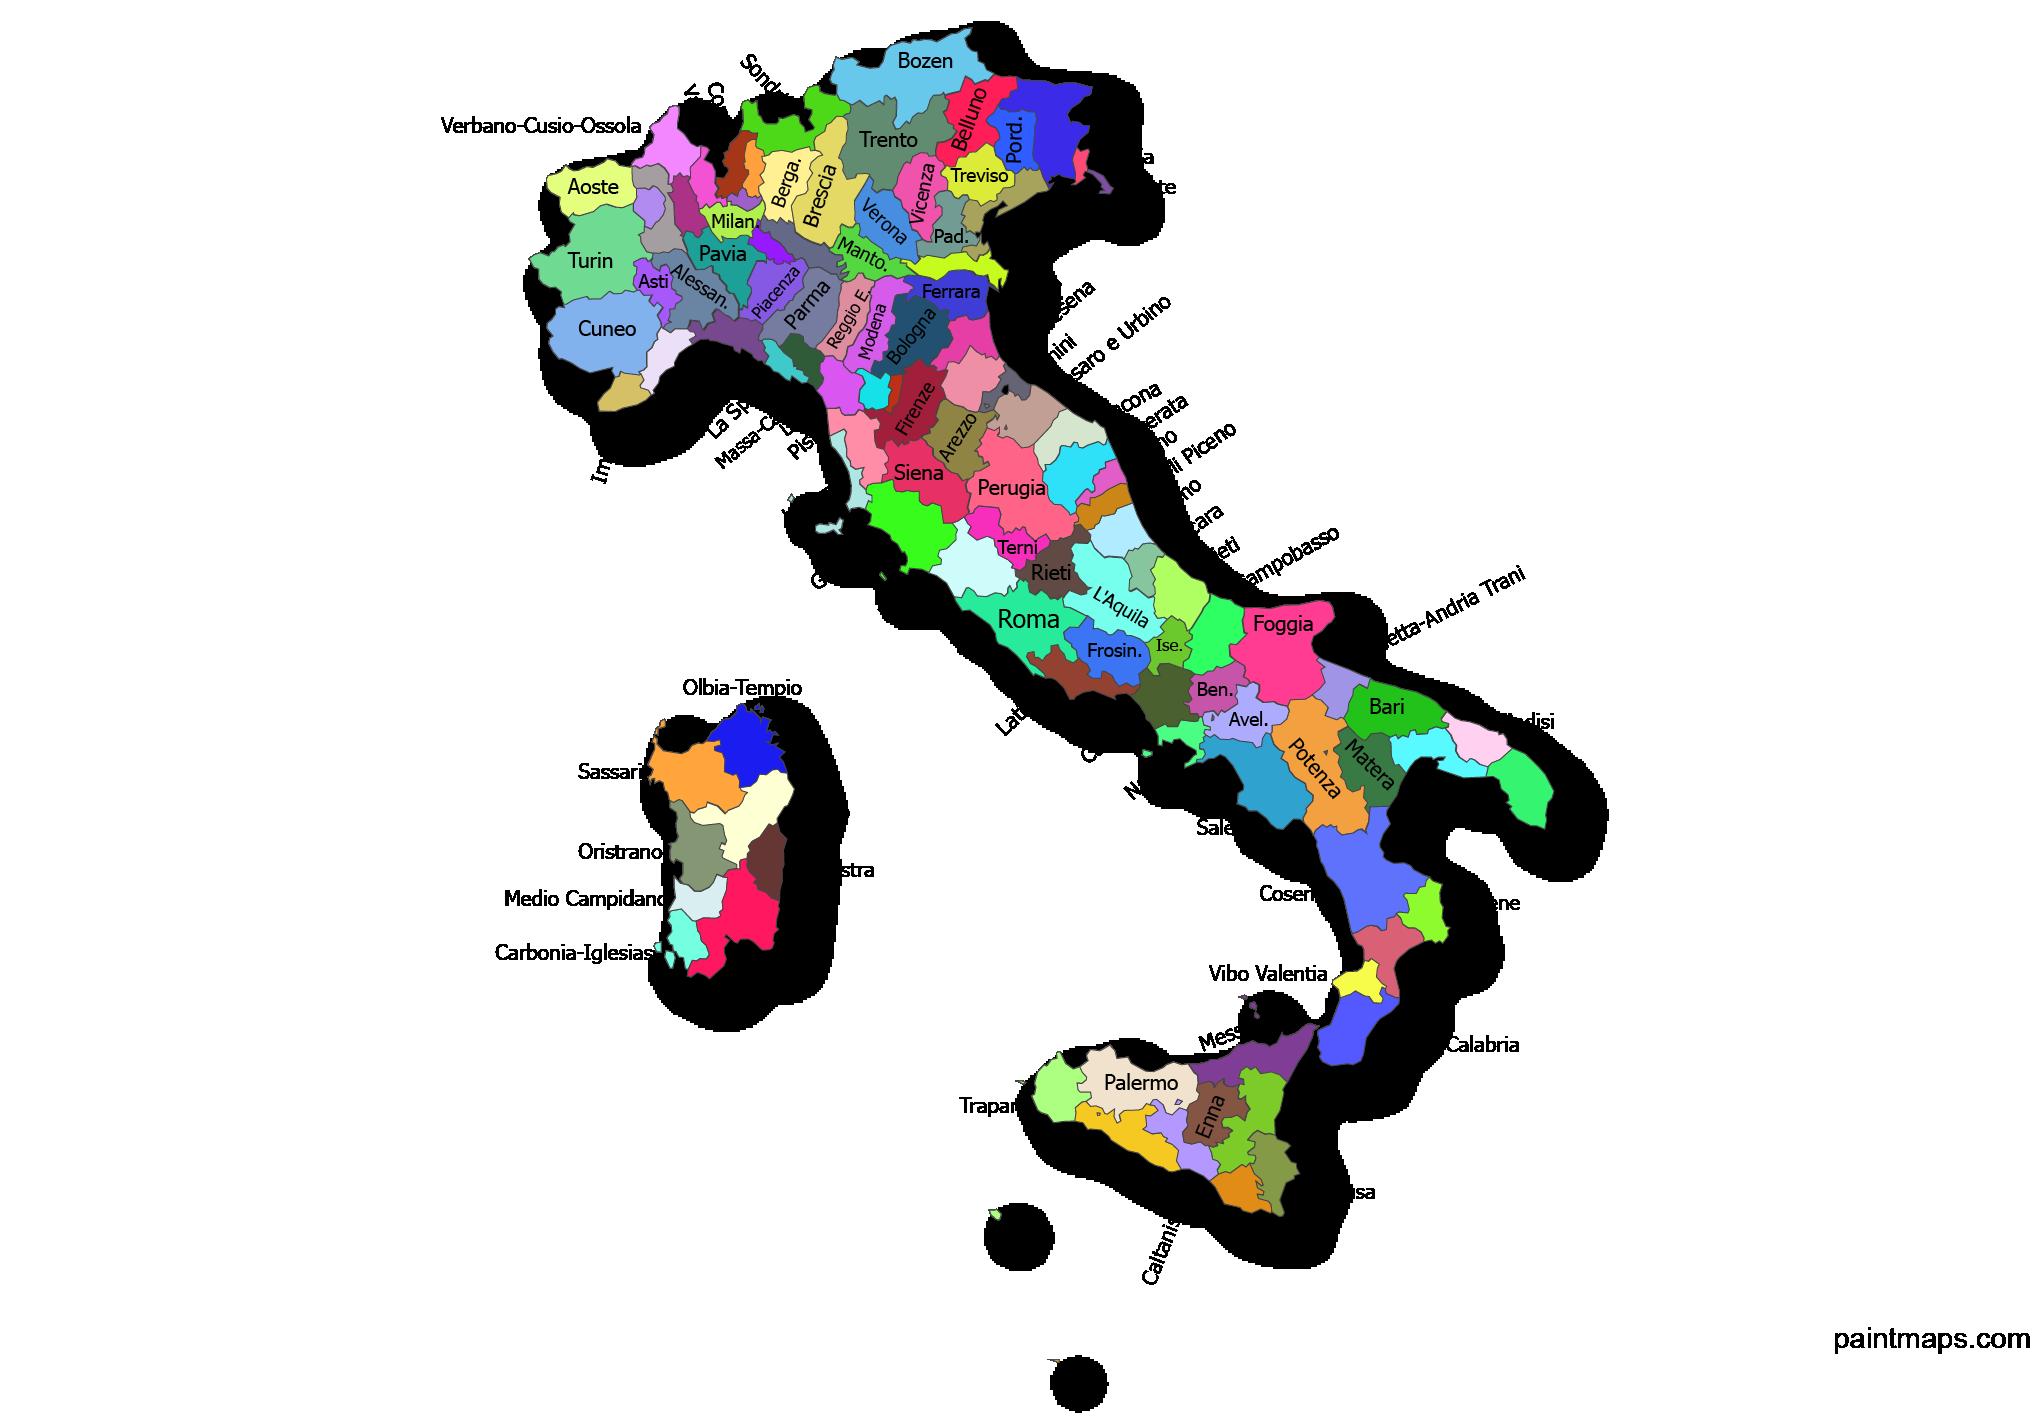 Ucretsiz Italya Haritasi Vektorel Eps Svg Pdf Png Adobe